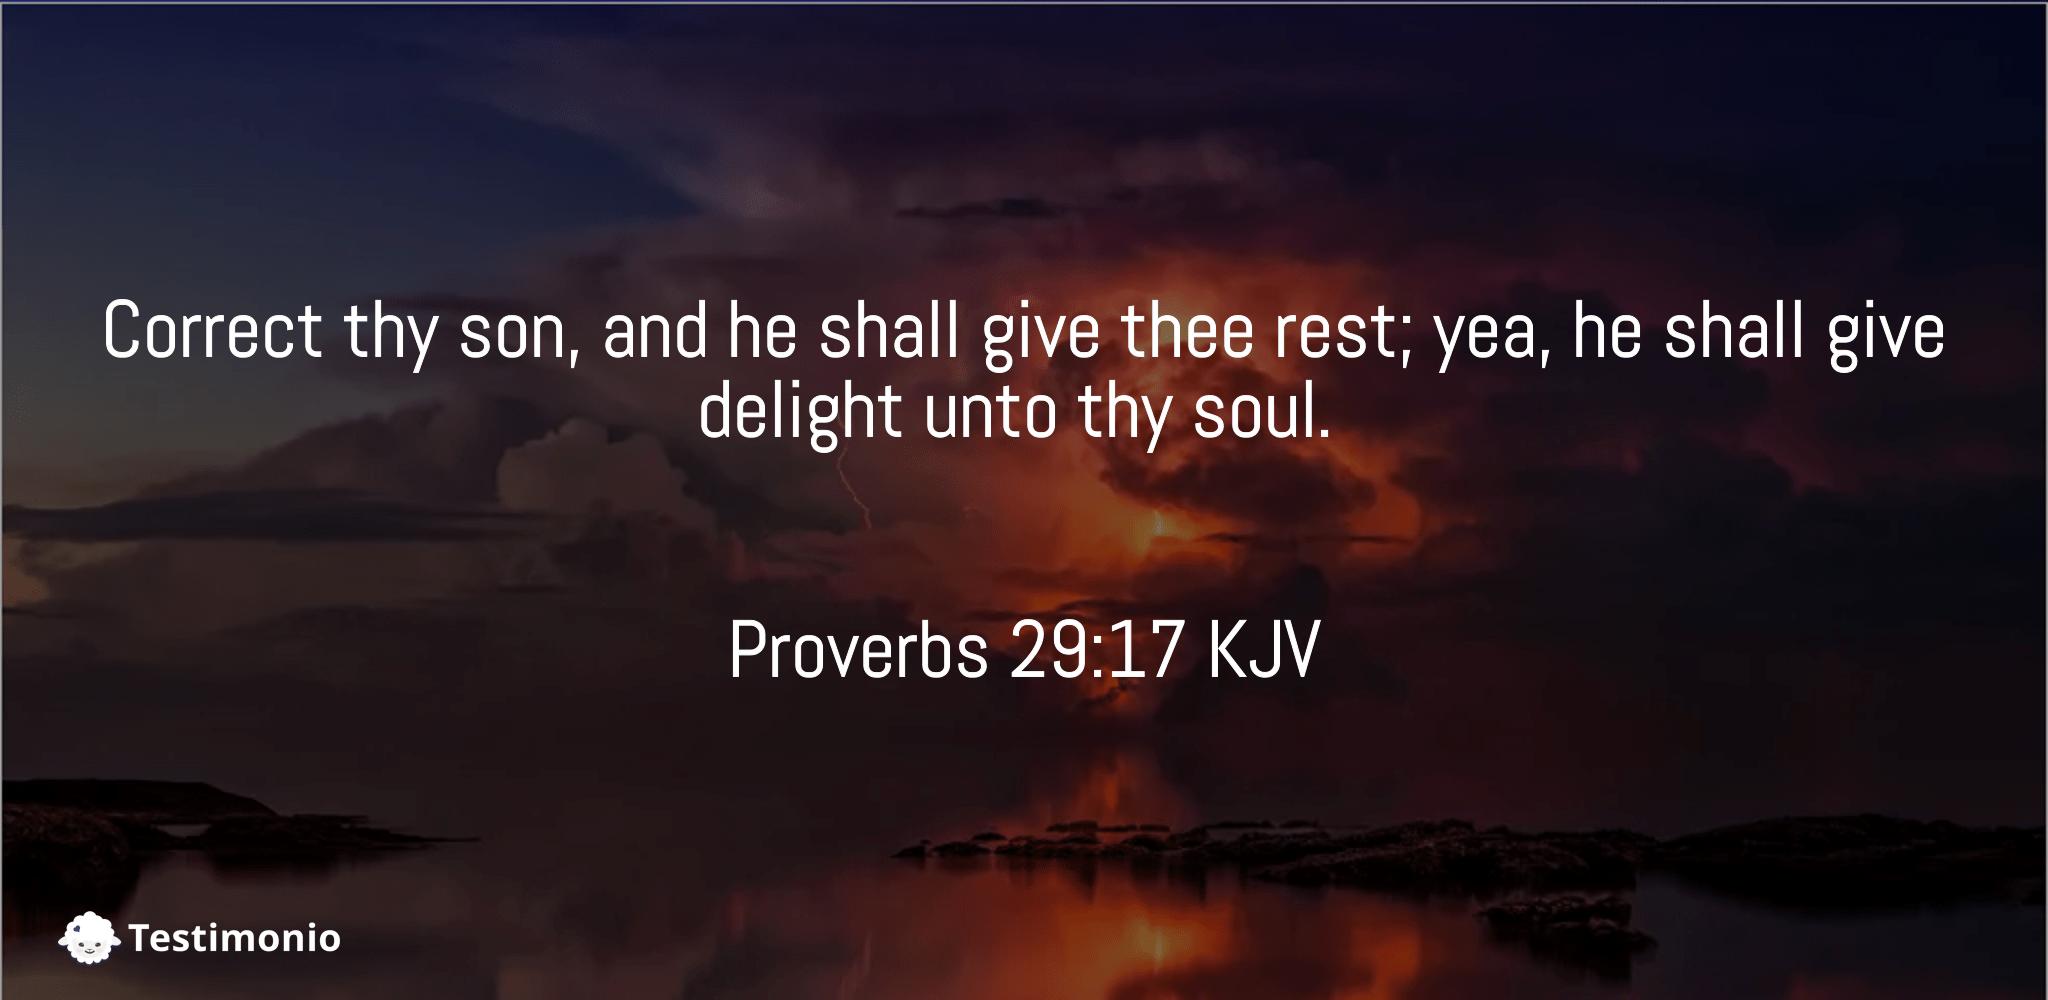 Proverbs 29:17